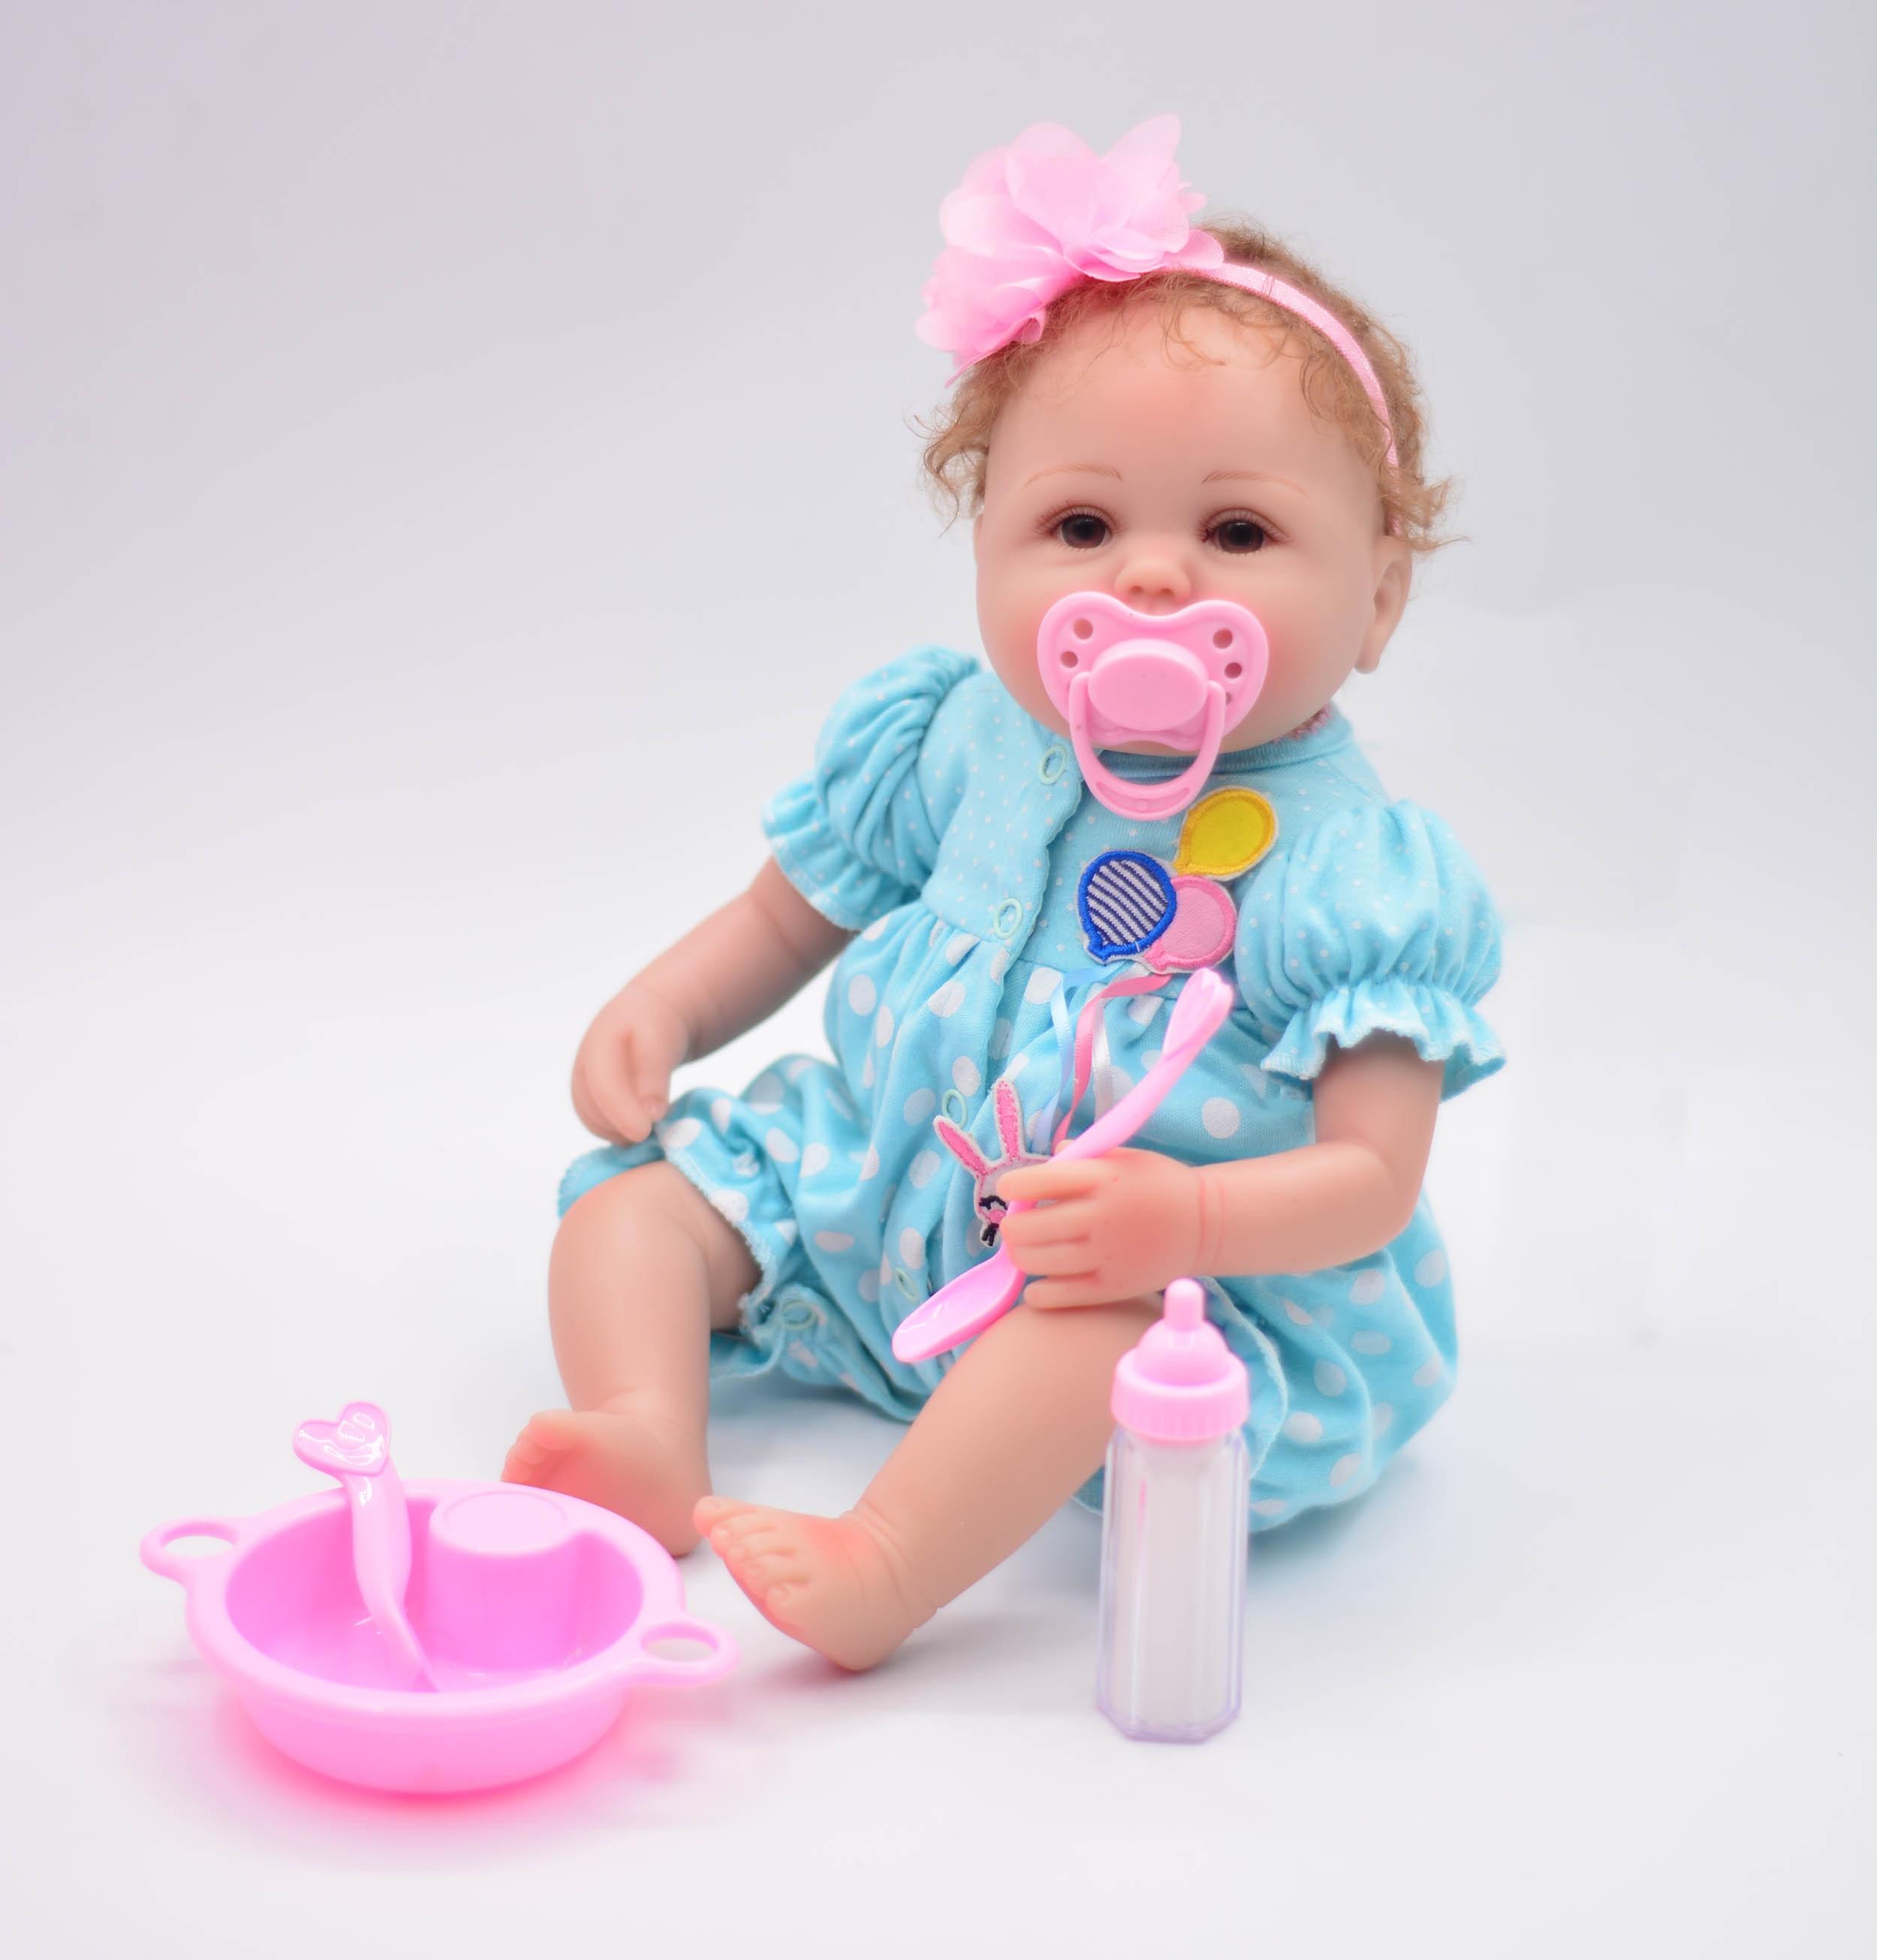 40 cm arc coiffure bébé poupée super mignon lol poupée bébé jouet anniversaire surprise cadeau pour garçons et filles